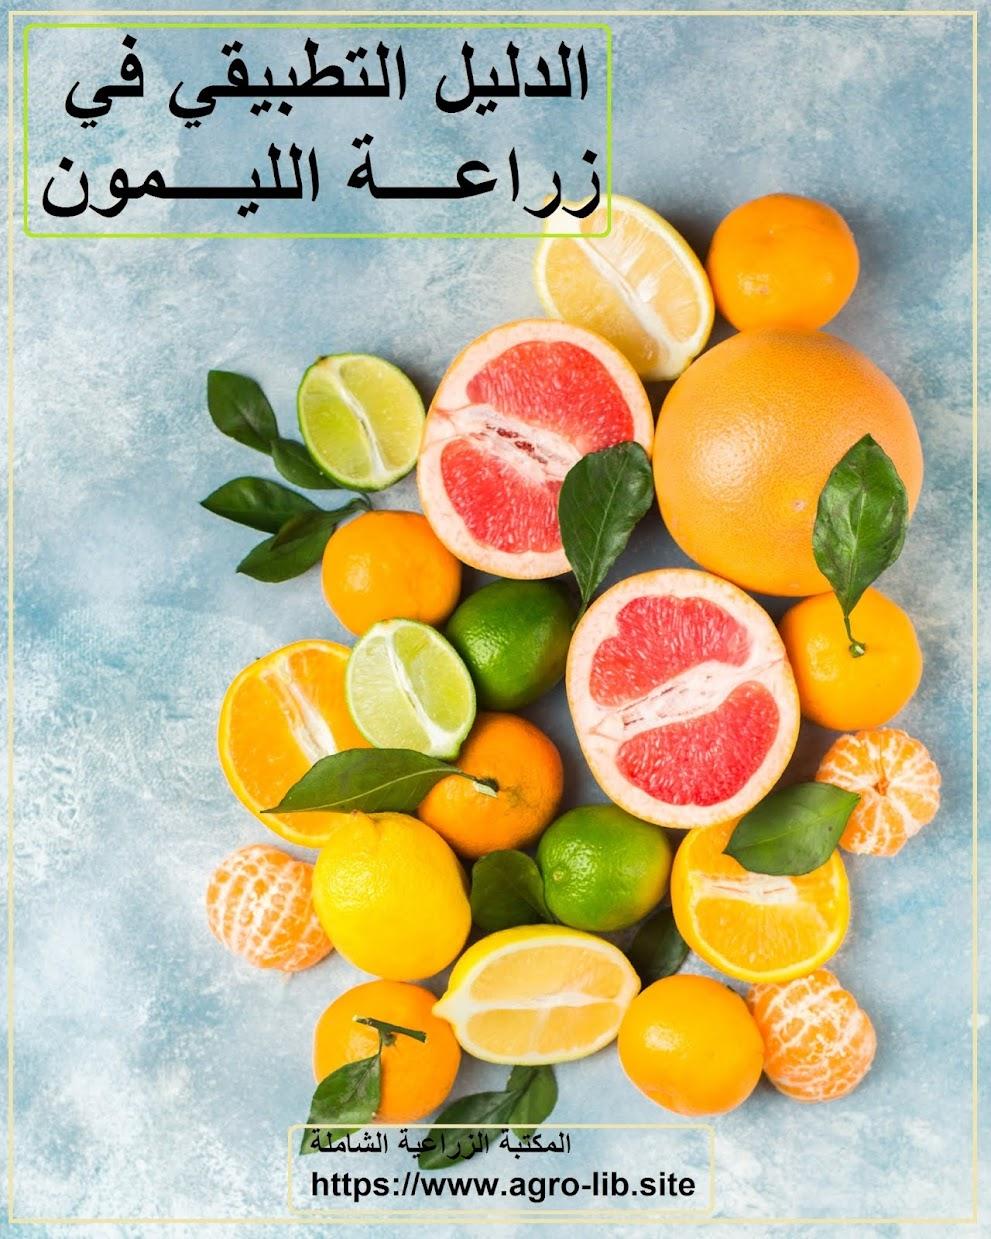 كتاب : الدليل التطبيقي في زراعة الليمون